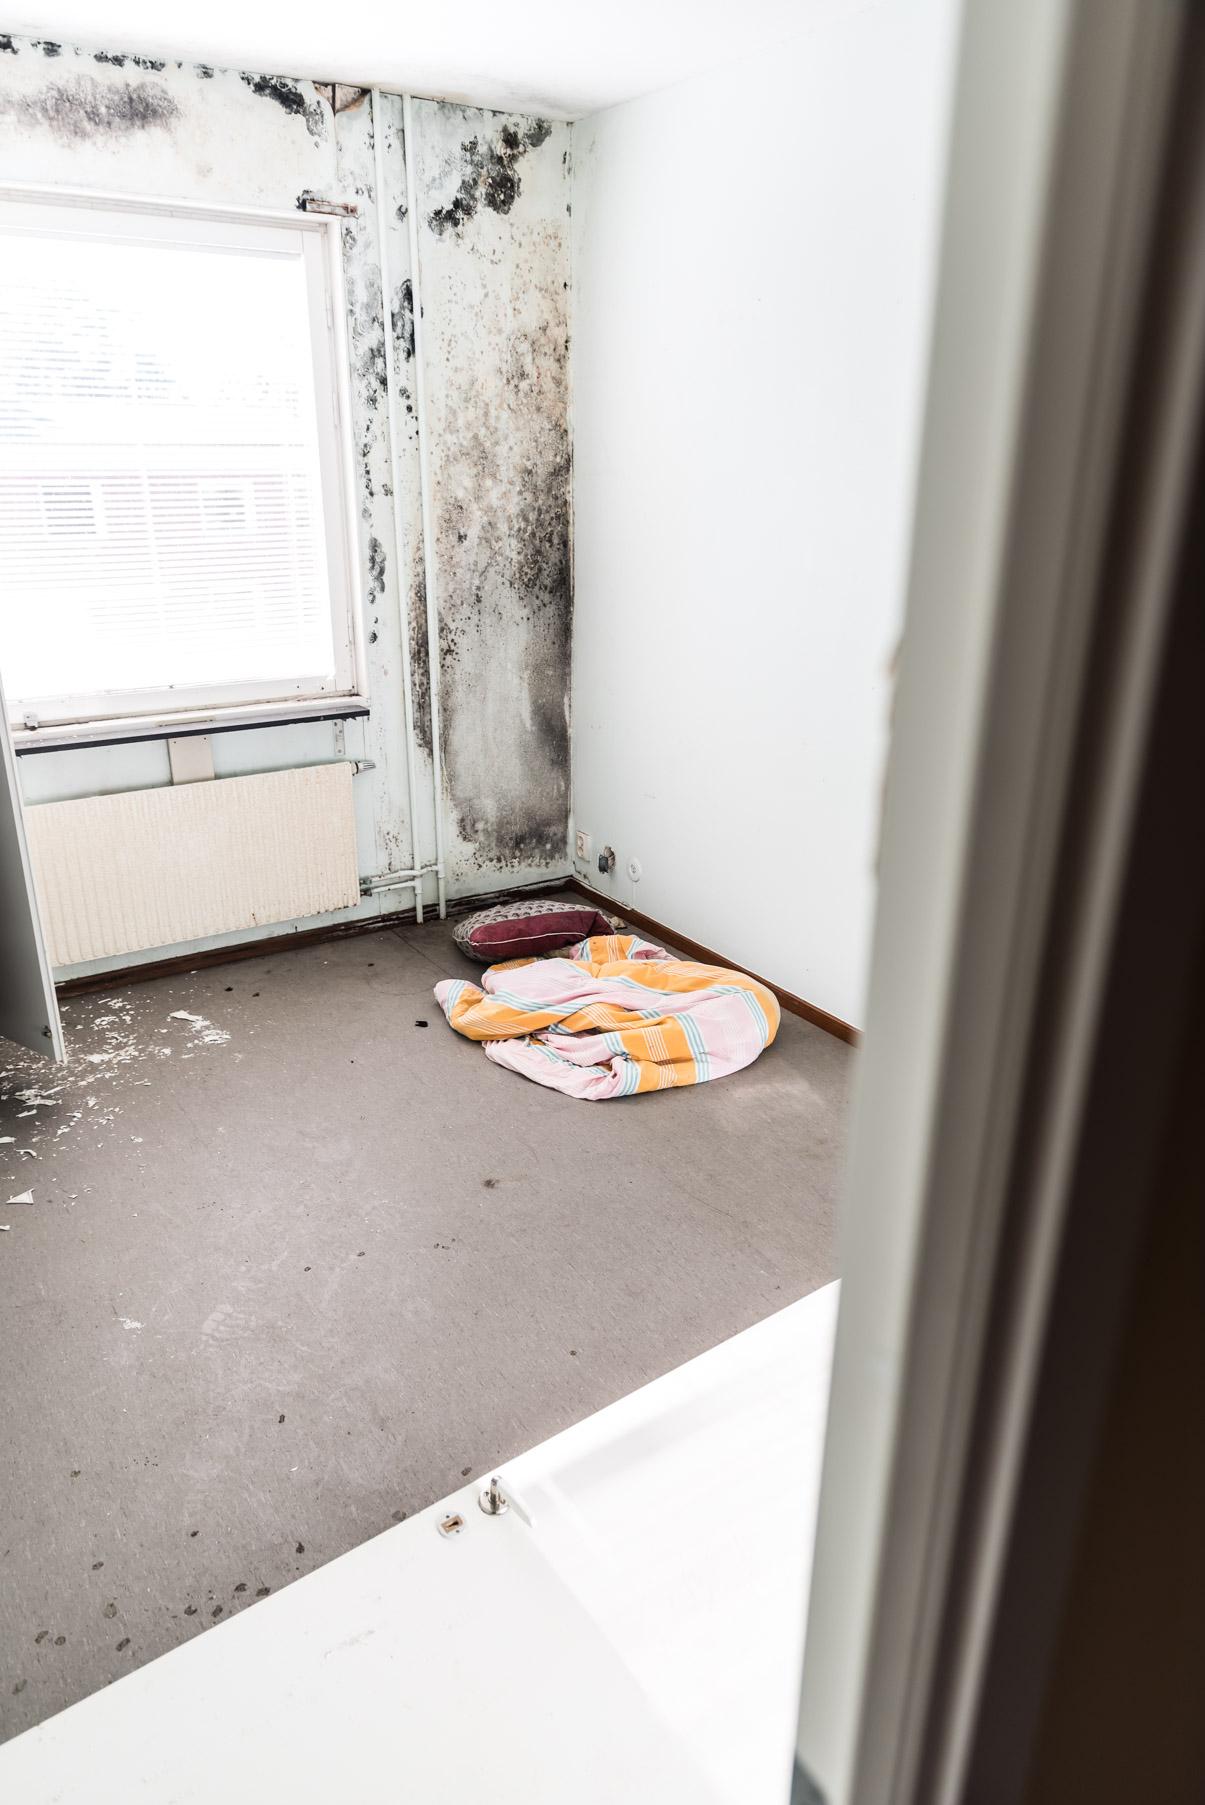 Mögel fanns på många ställen men detta rummet var nog värst. För oss kändes ju val av sovplats lite underligt.